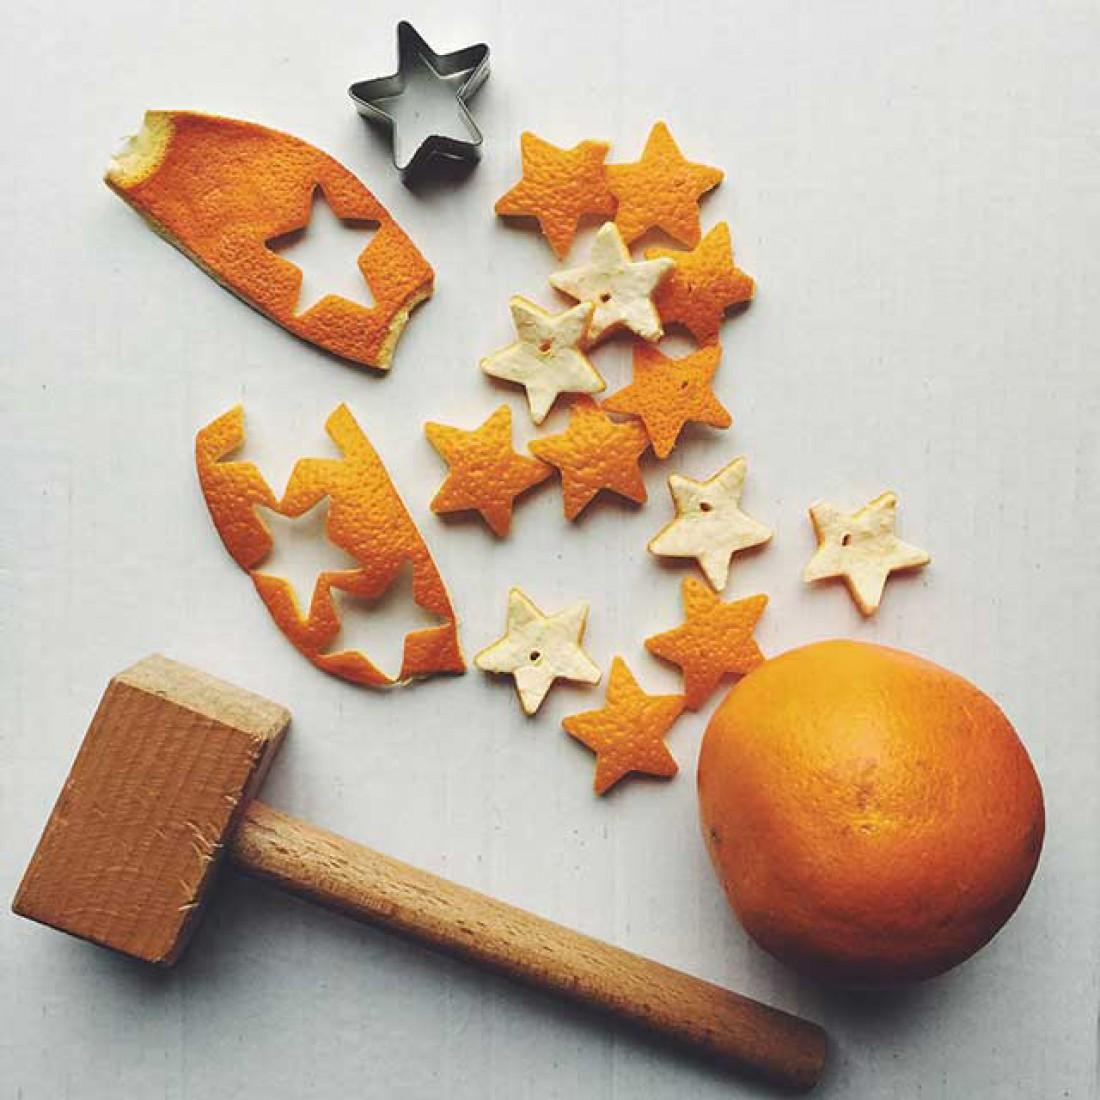 Маска на основе апельсиновых корок предотвращает старение кожи